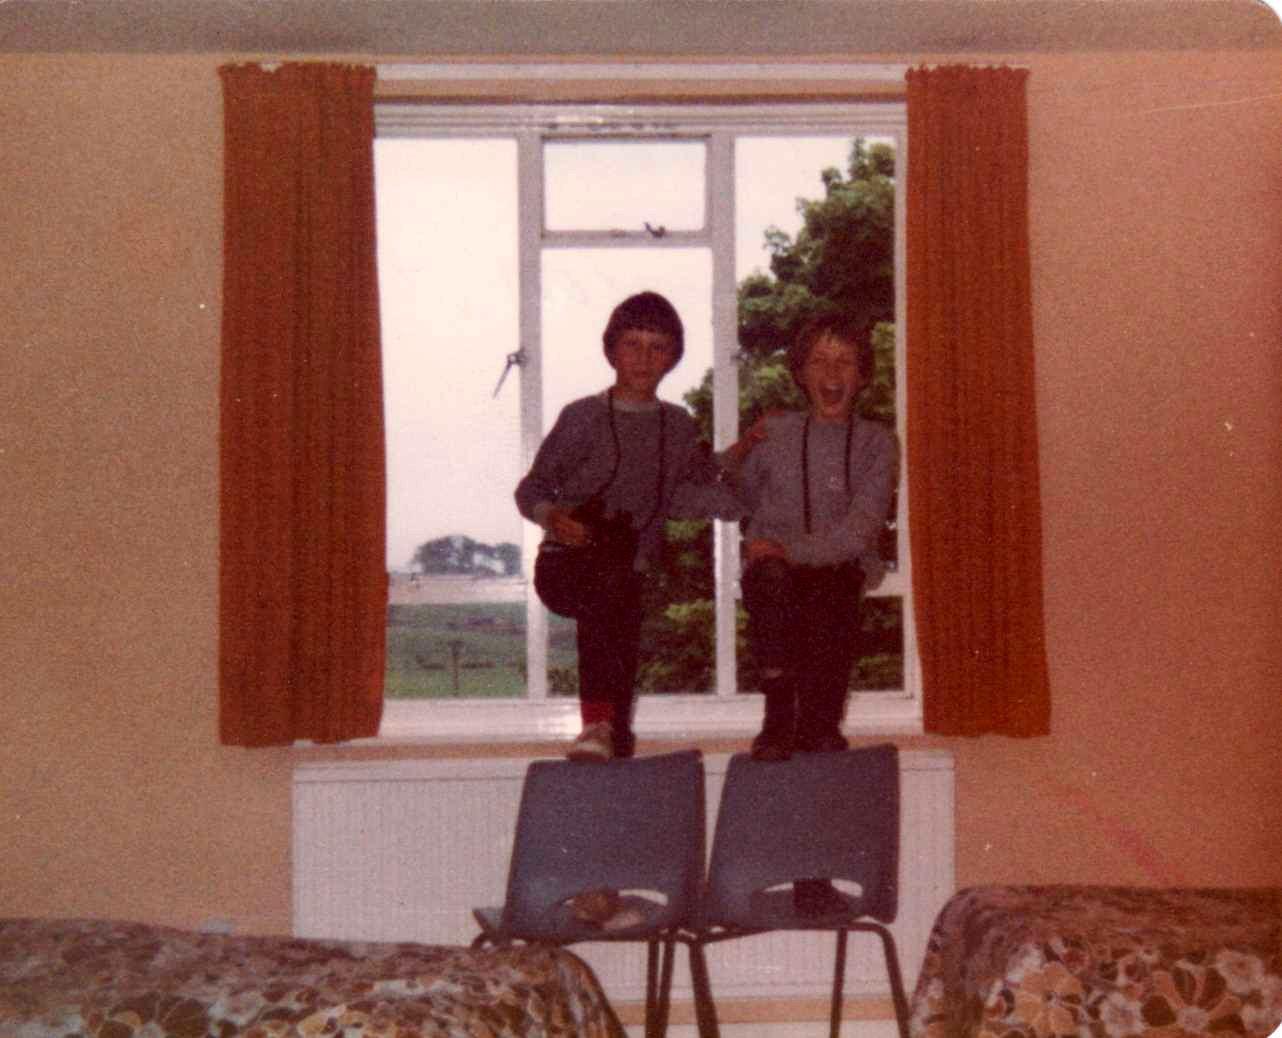 c. 1980 Barnes Close. Danny Hazell and John Stockford.